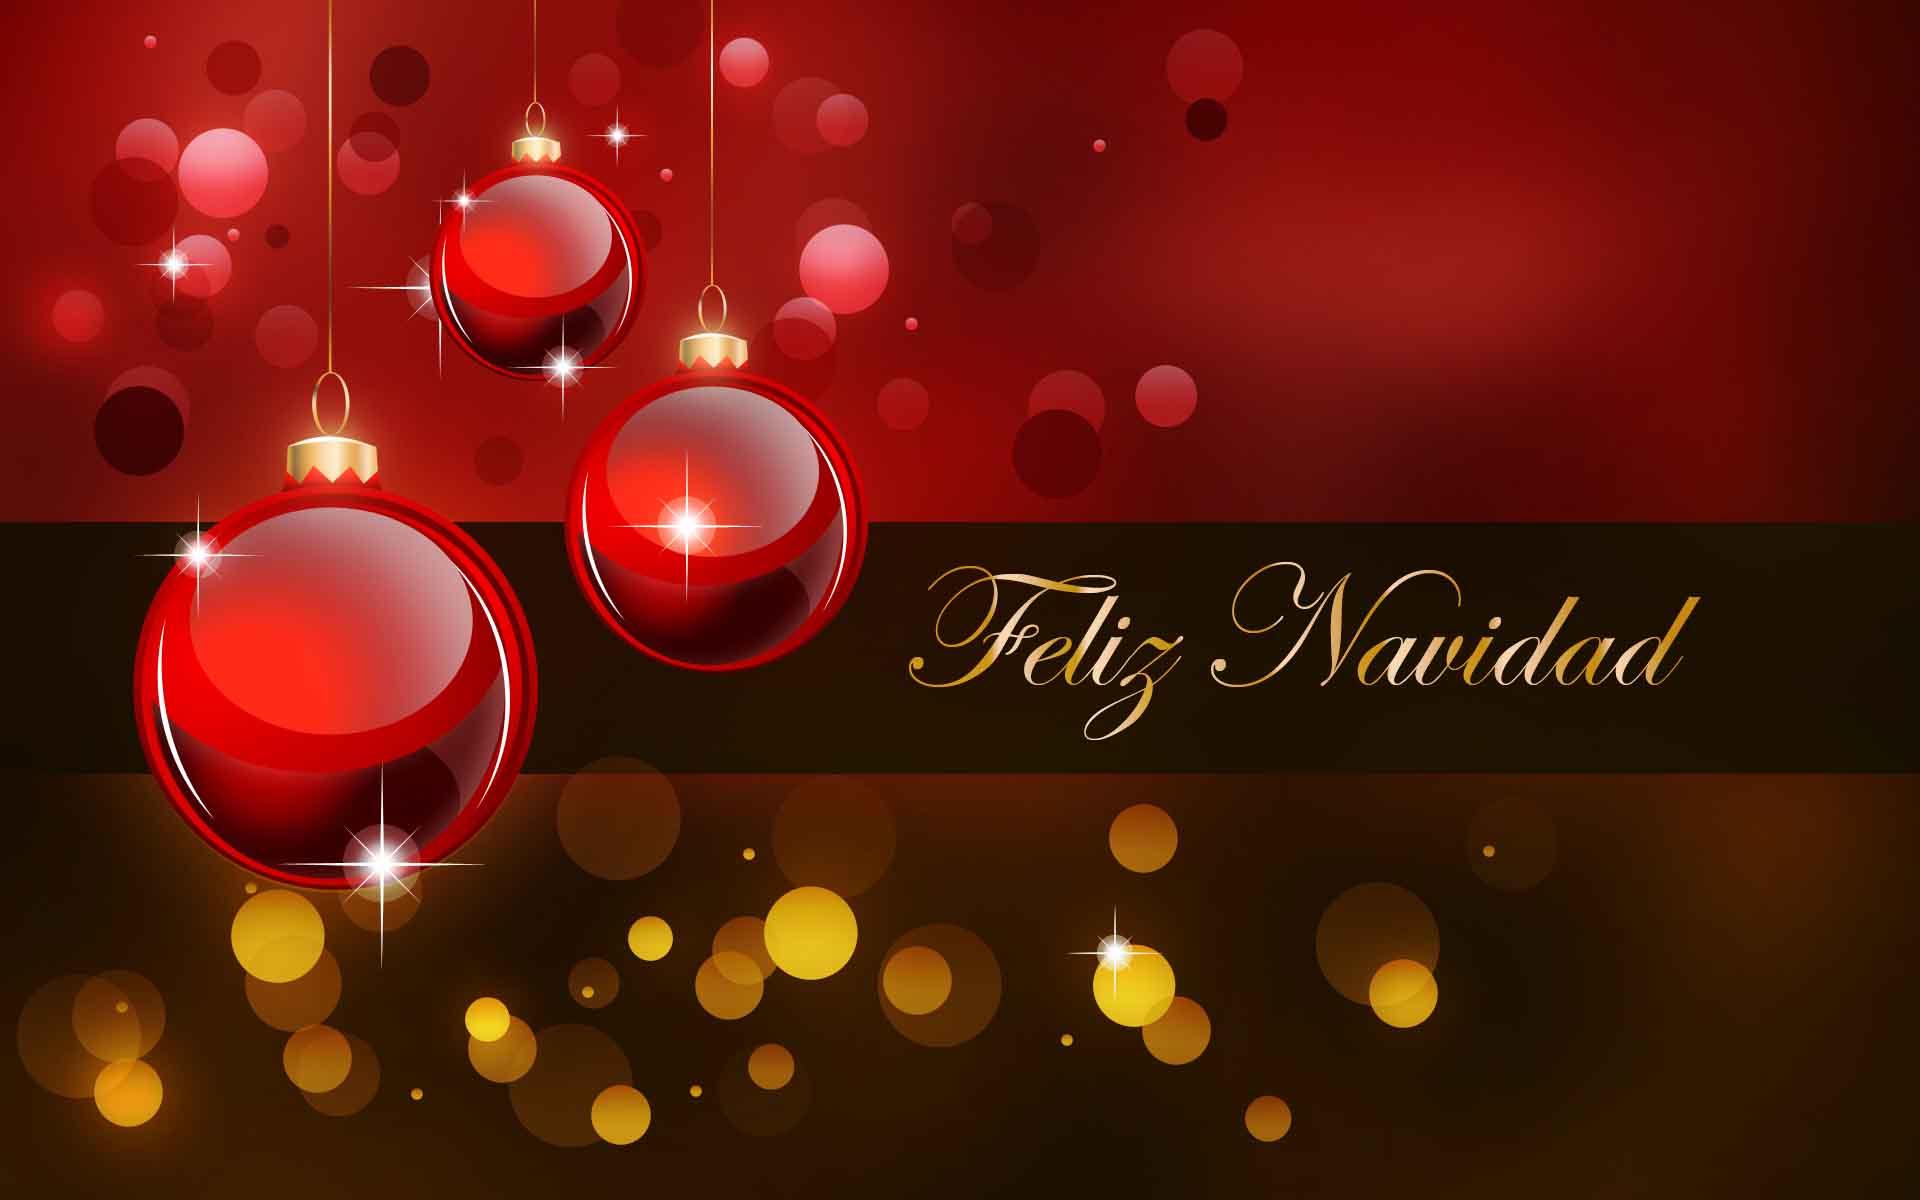 Invitacion al Festival de Navidad